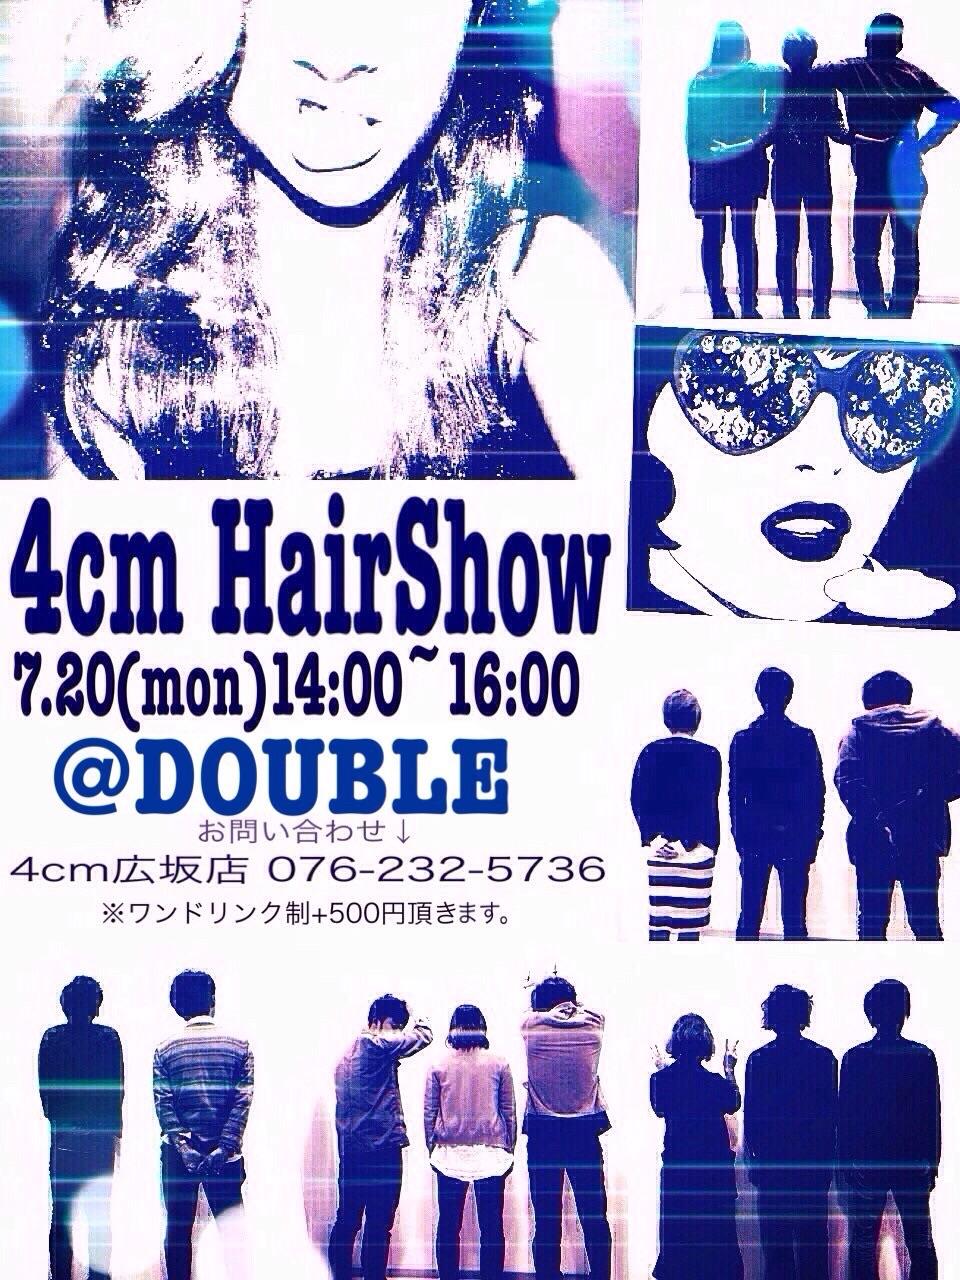 4cmヘアショーミーティング!!7月20日クラブDOUBLEにて開催